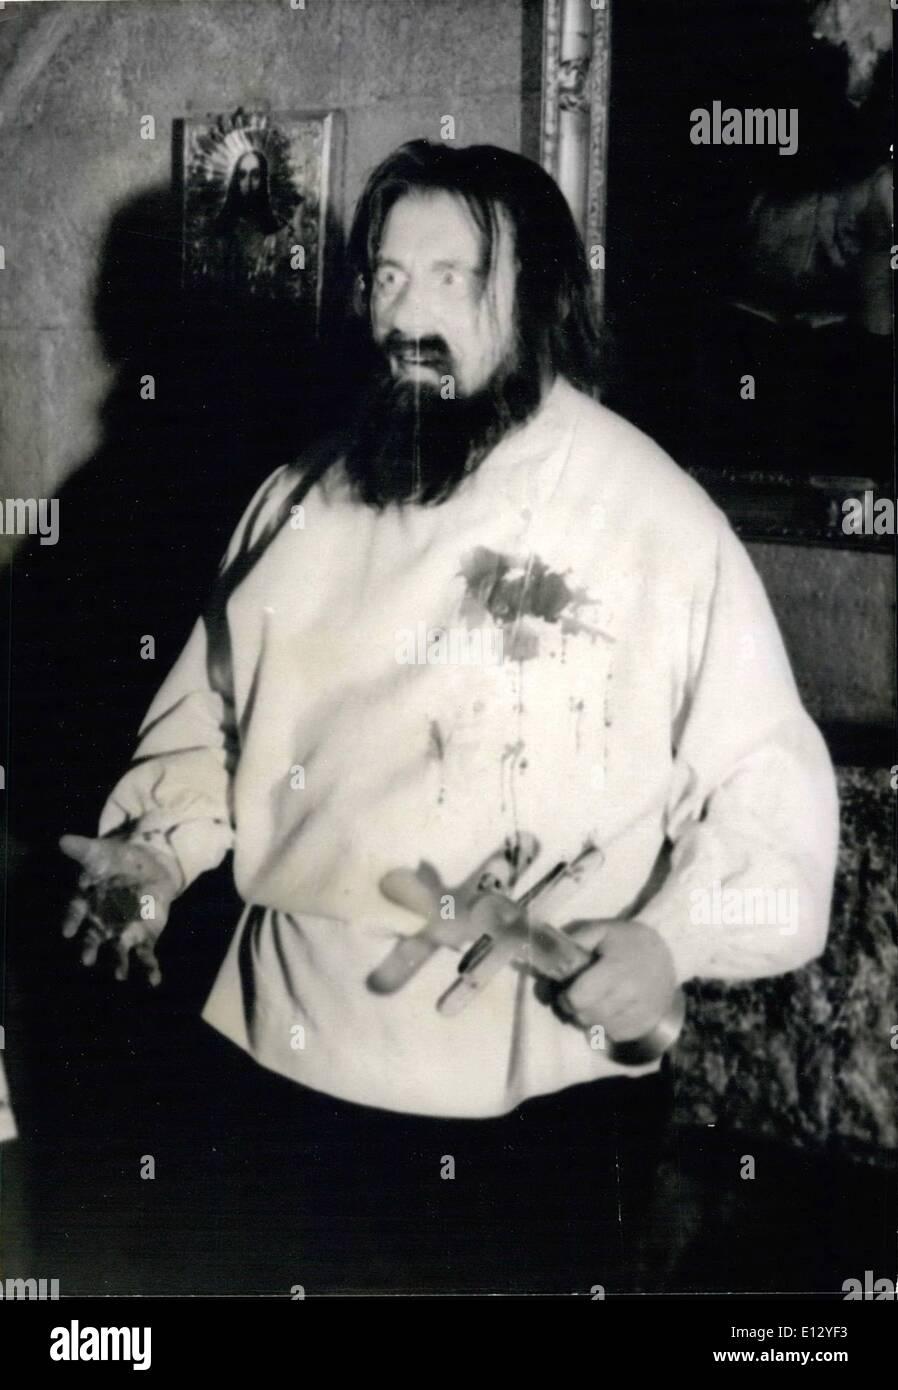 Febbraio 26, 2012 - Rasputin giocato da Gert Froebe Immagini Stock